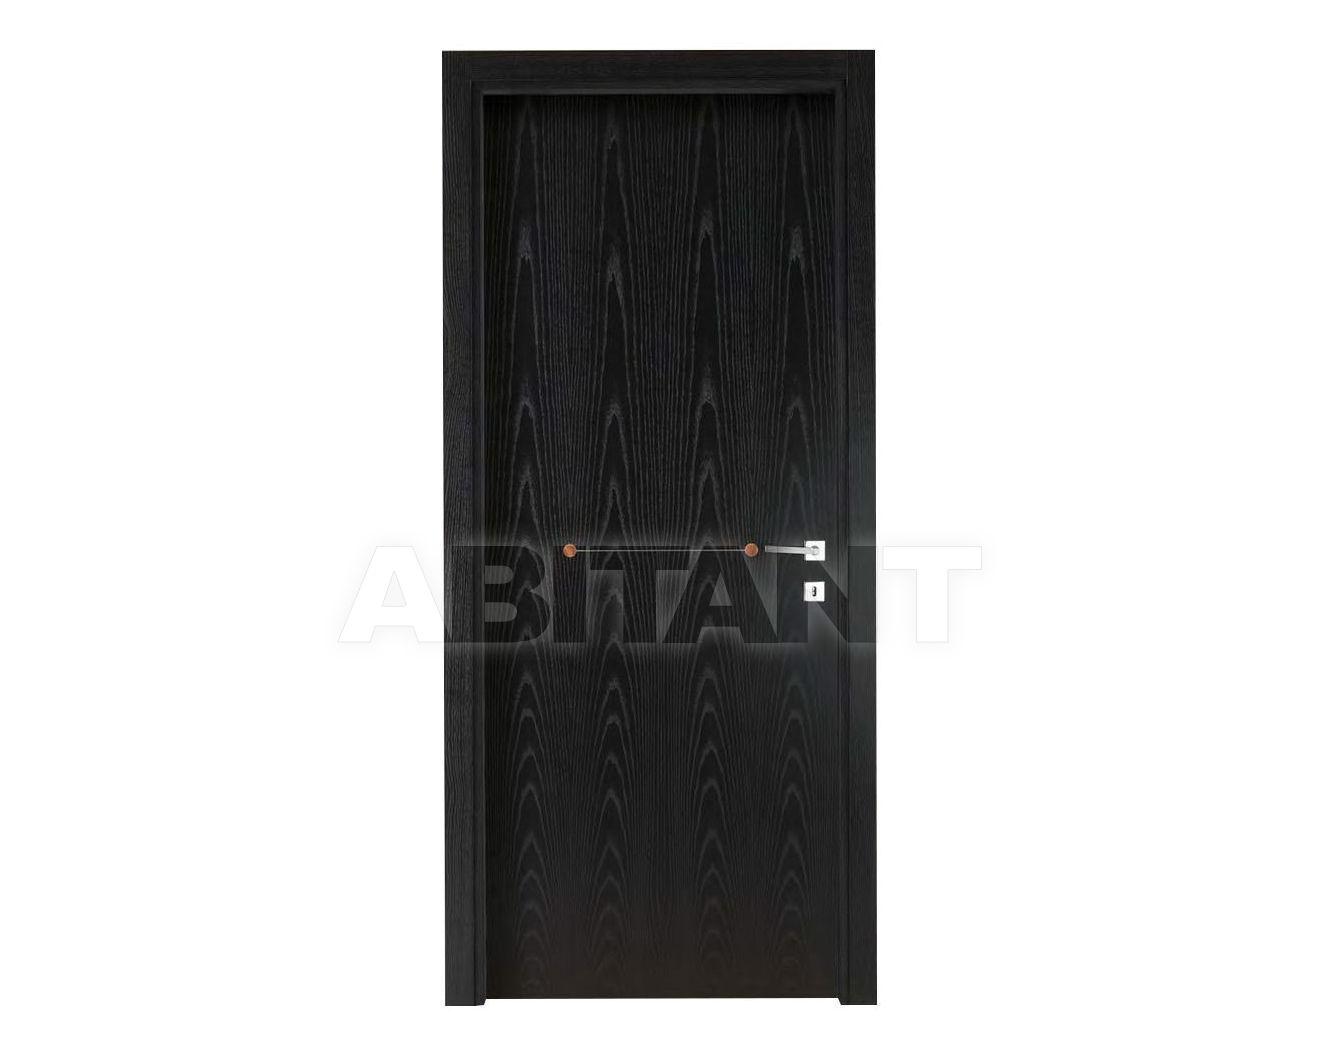 Купить Дверь деревянная Fioravazzi Lisce CAMILLA 2 CRIStALLIZEd